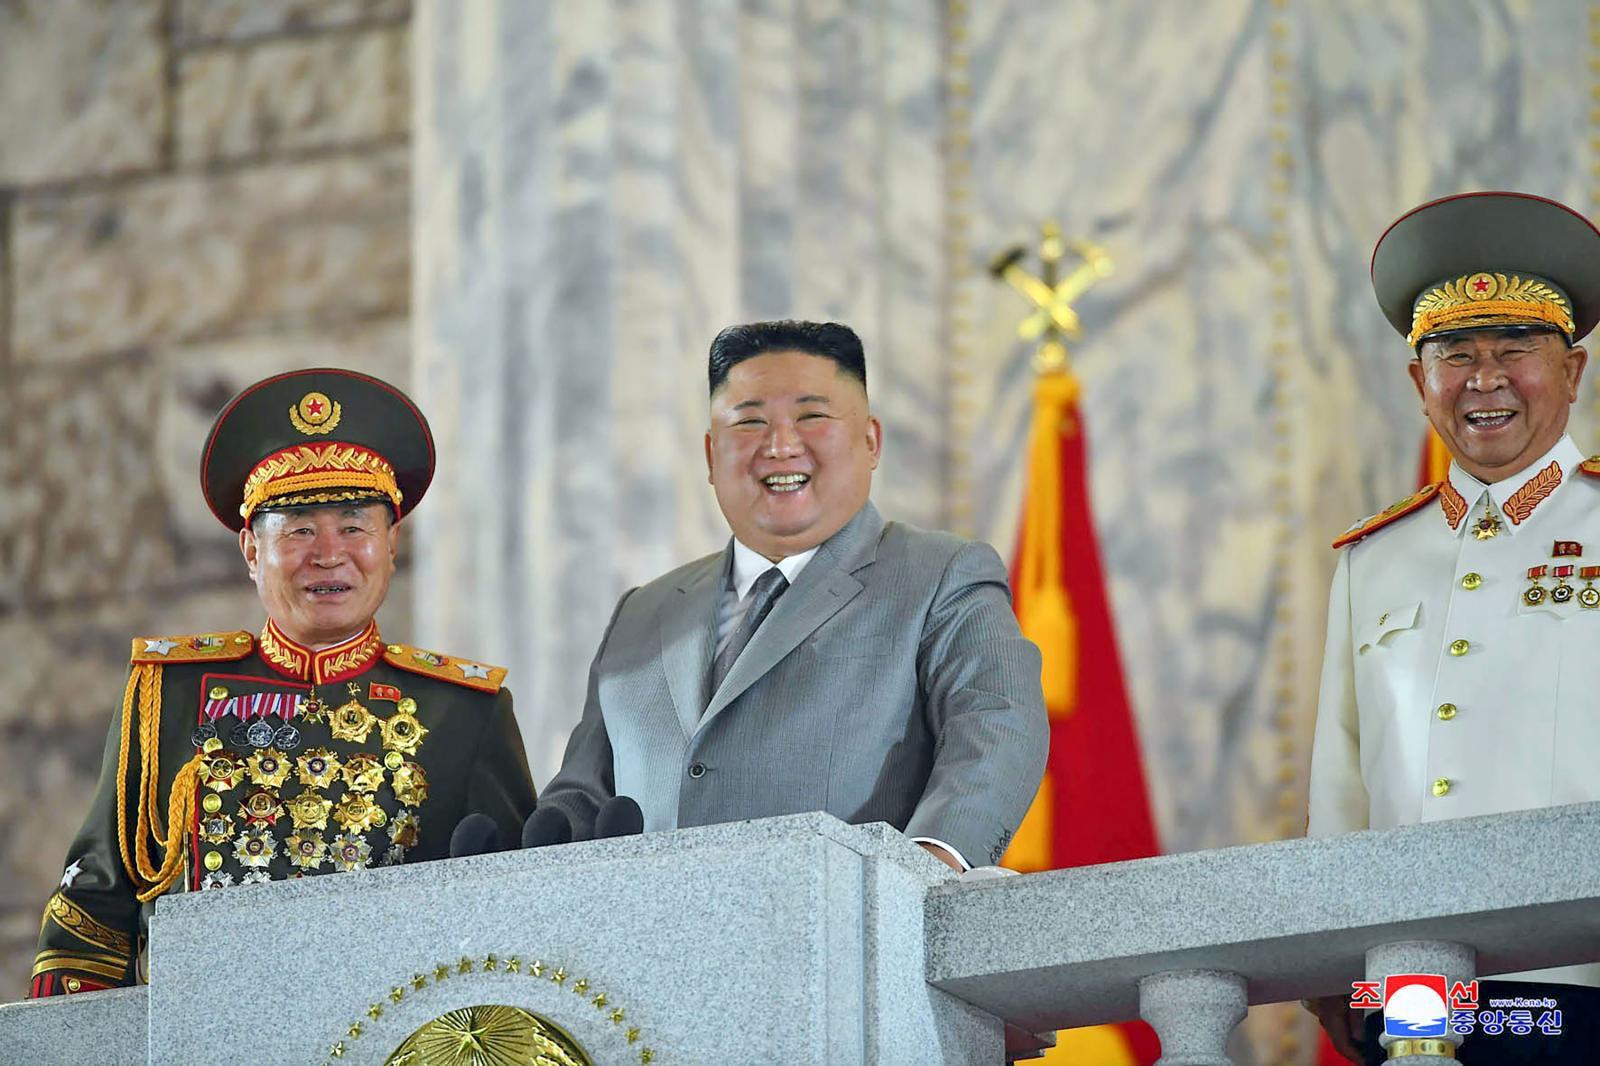 """เกาหลีเหนือ เปิดตัว """"ขีปนาวุธรุ่นใหม่"""" ในพิธีสวนสนาม"""